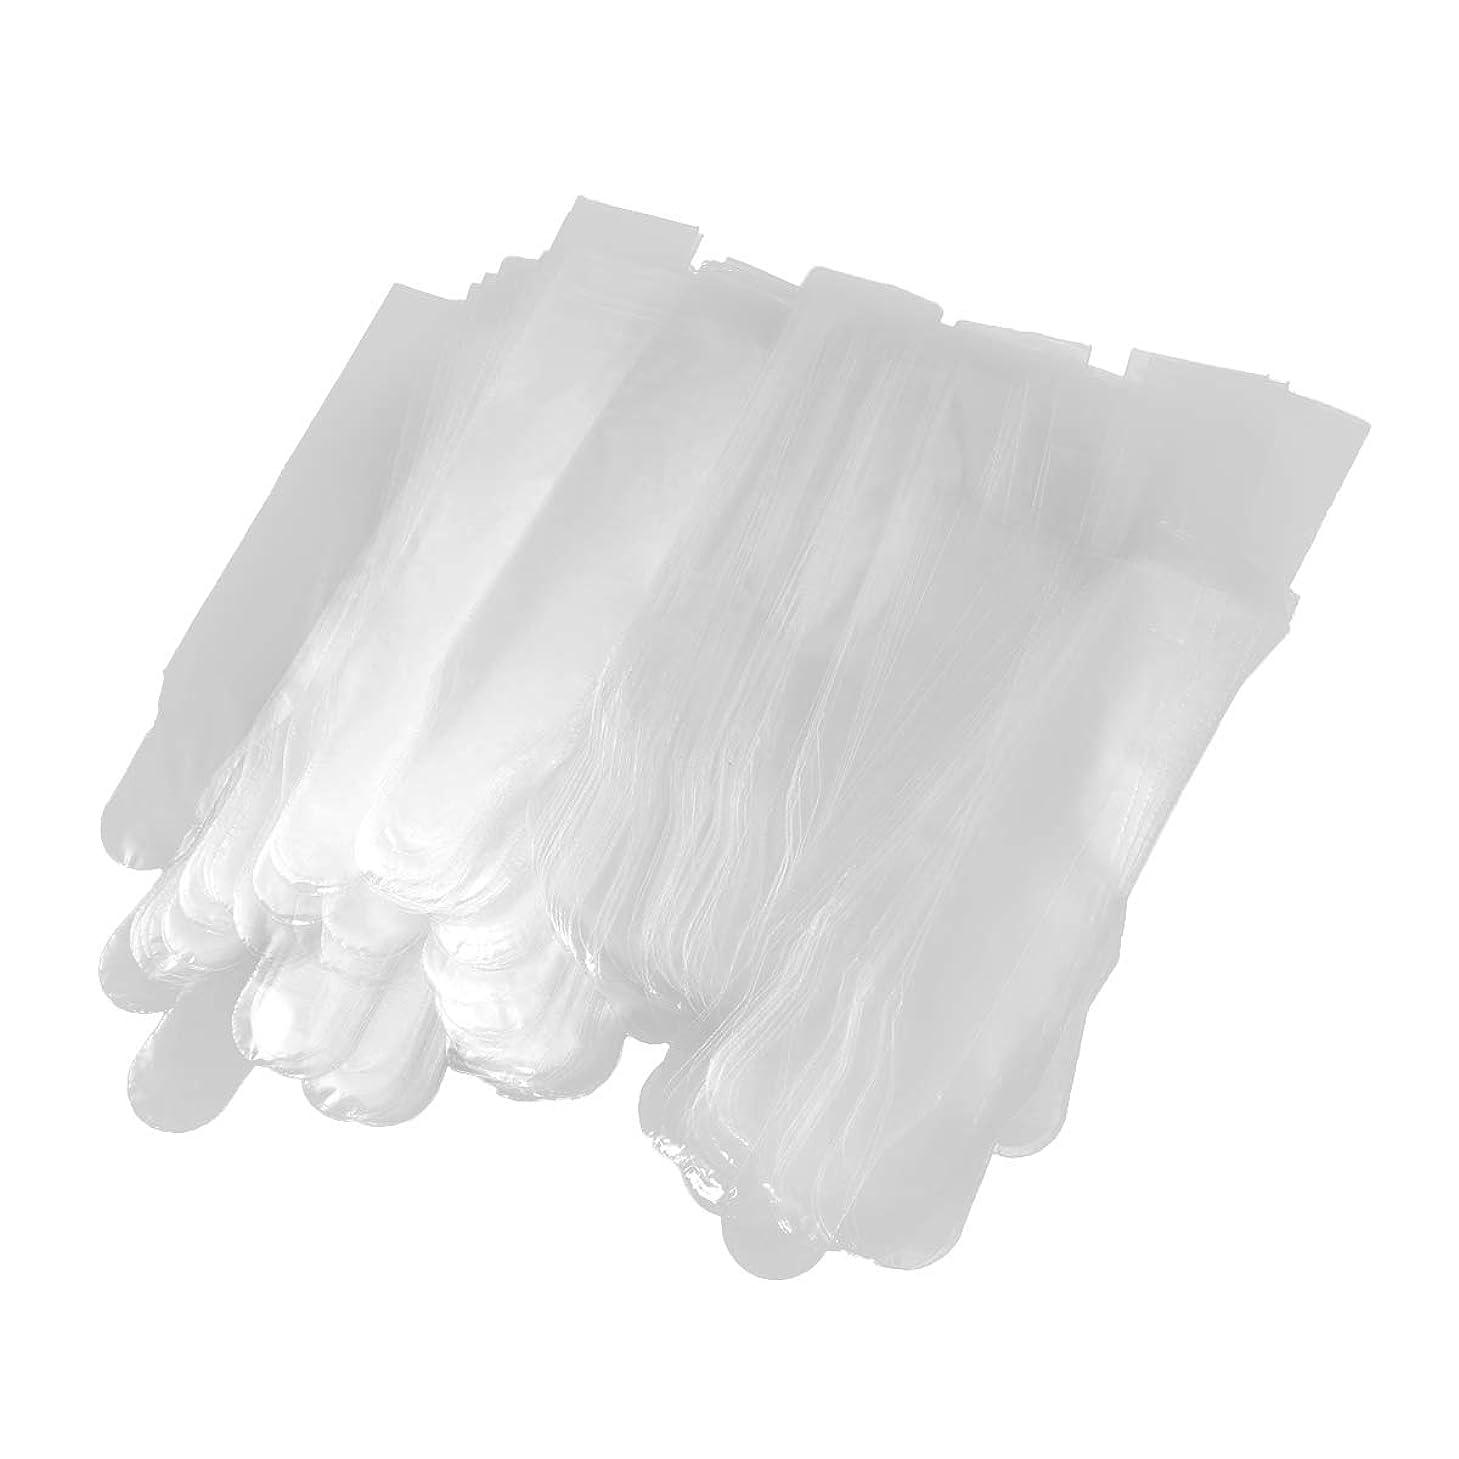 テクニカル受ける情報Healifty 500ピース歯科カメラシースカバー使い捨て口腔内カメラスリーブ歯科材料